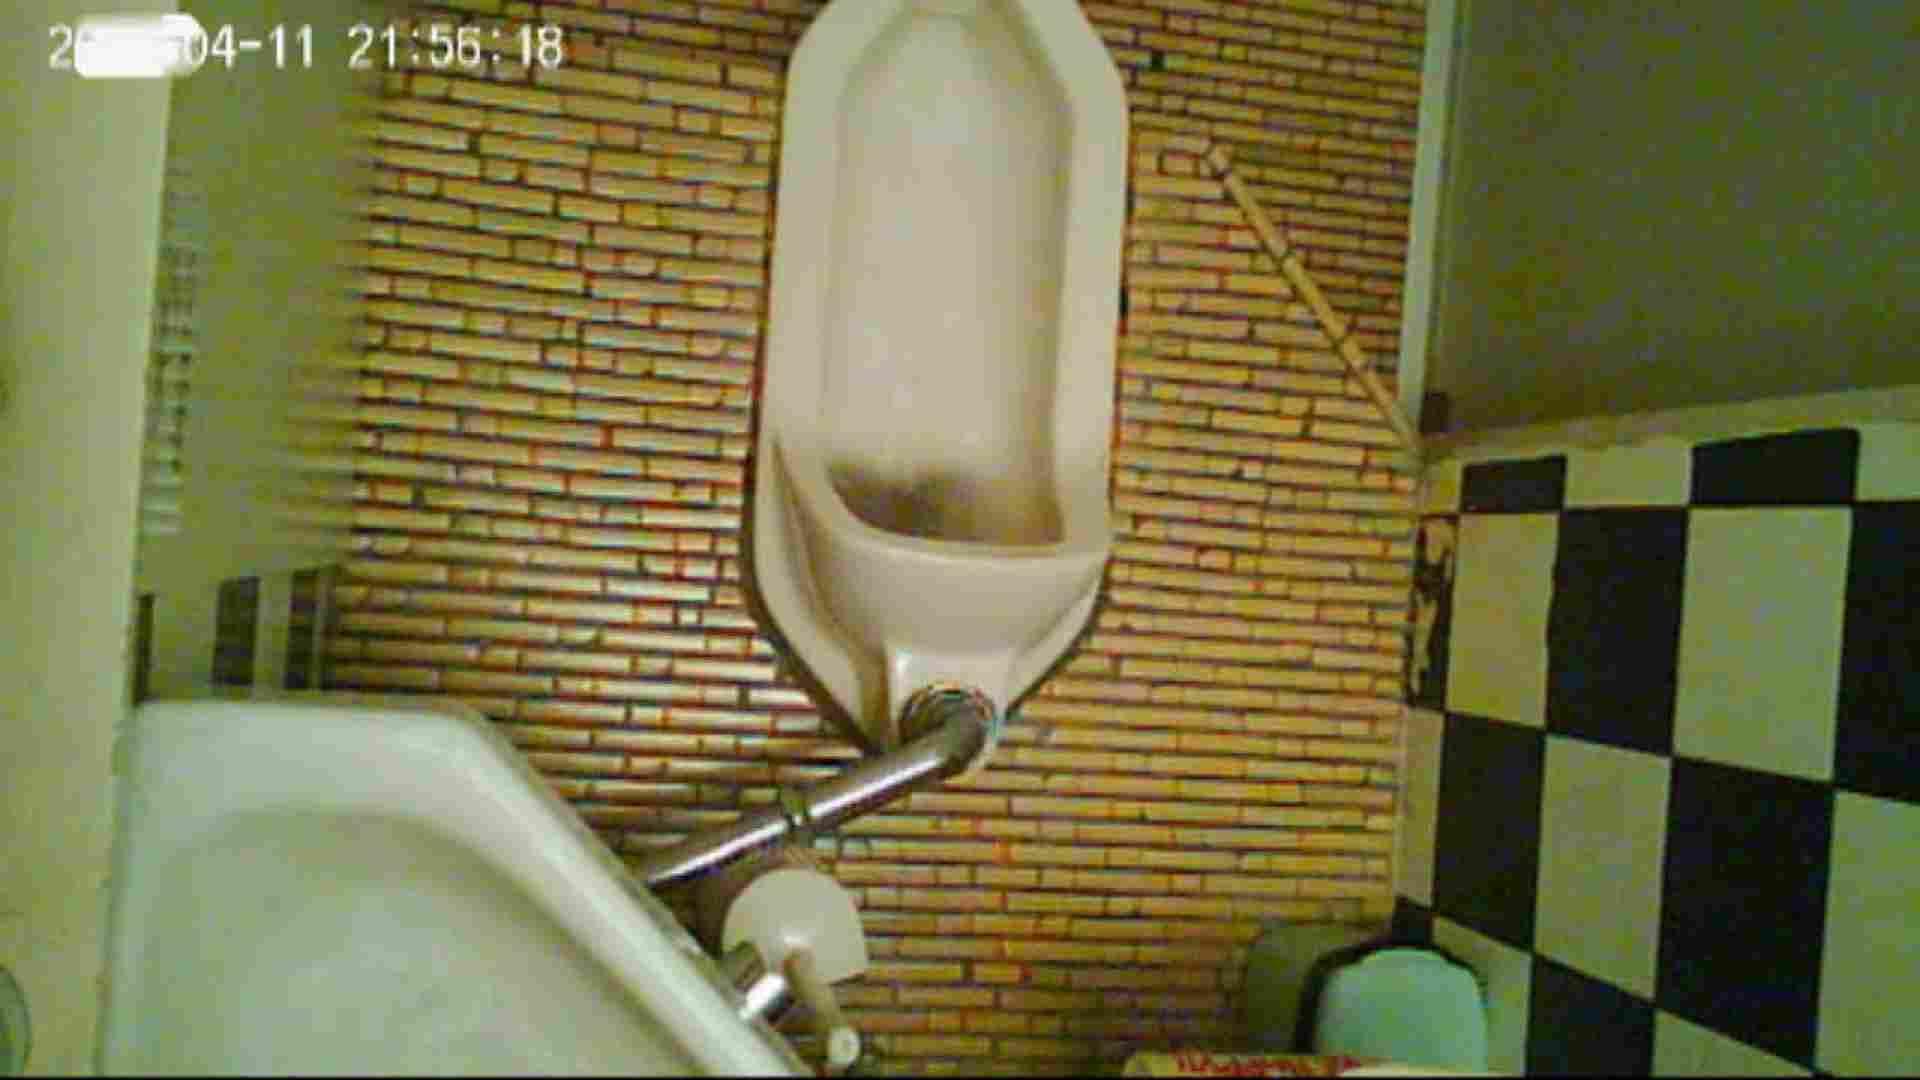 和式トイレの喫茶店店主マロンさんのコレクションvol.2 OL  46pic 10